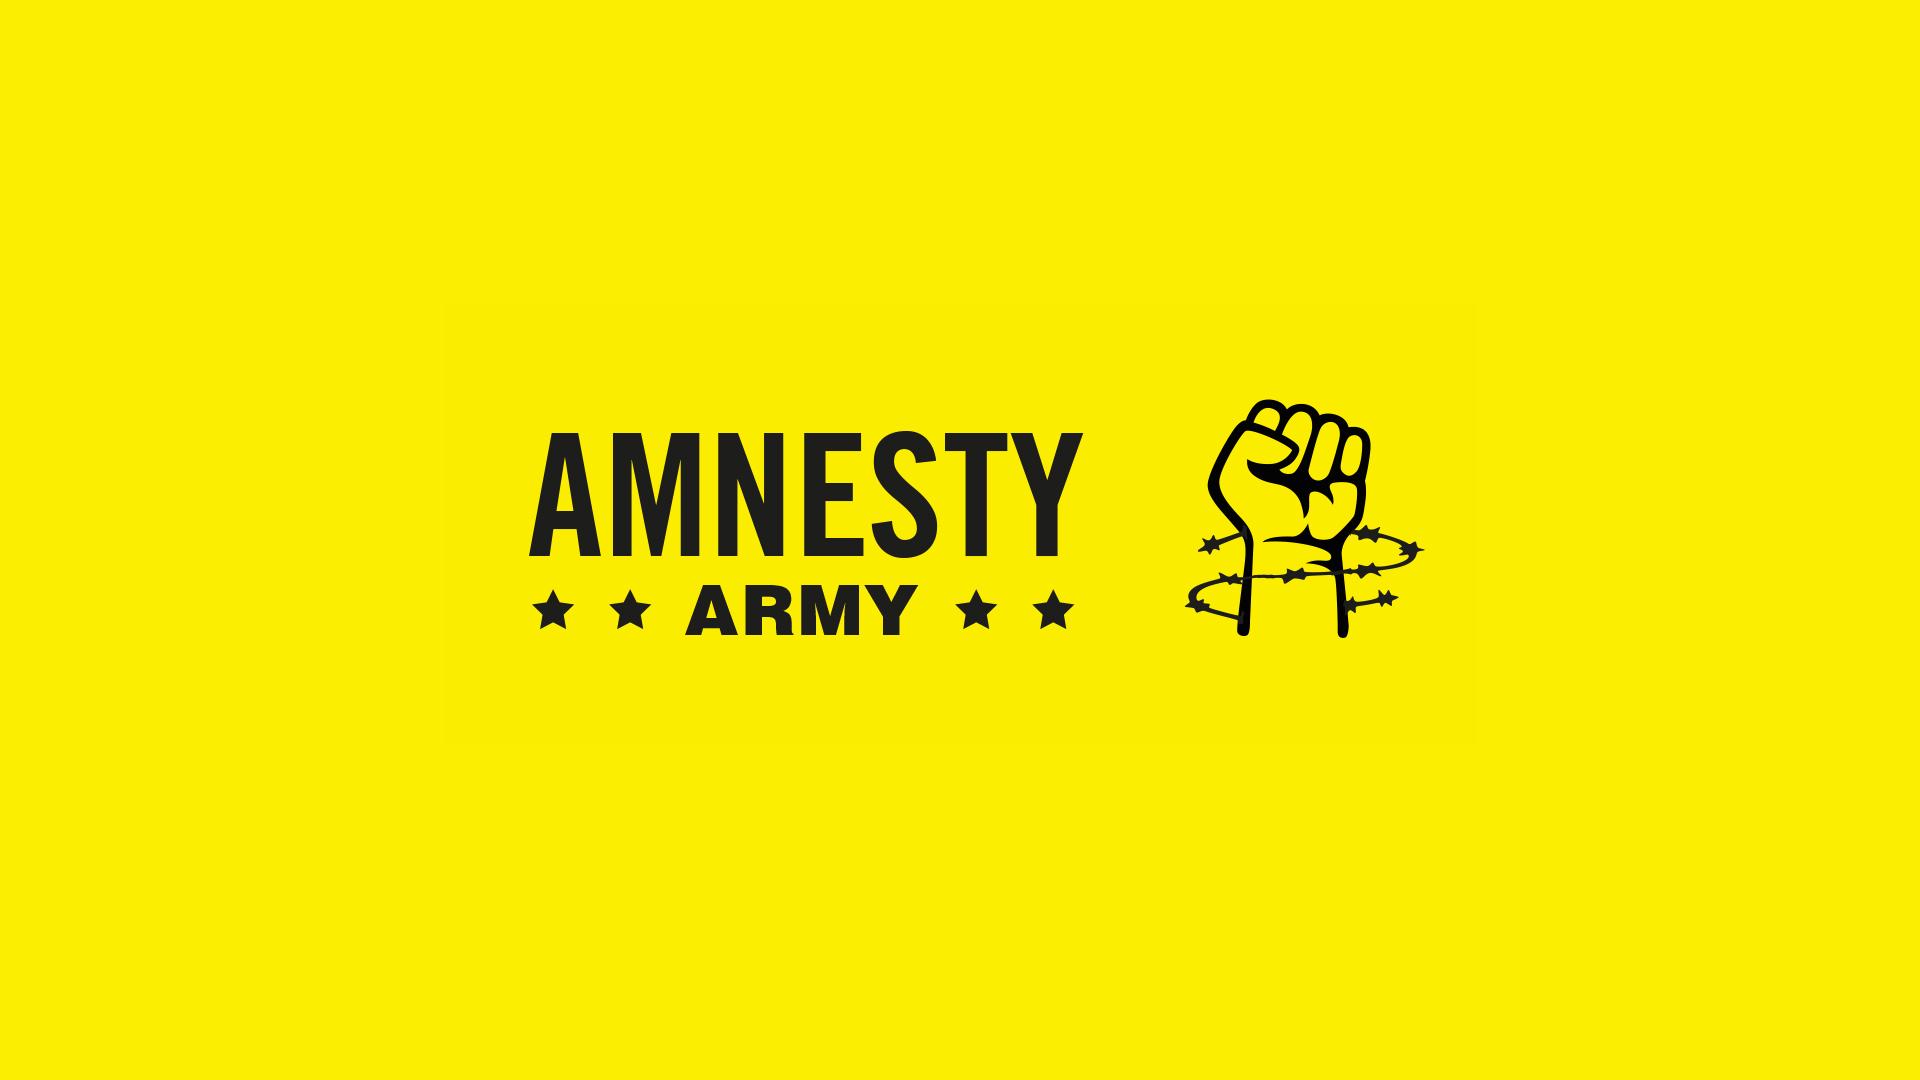 amnesty-case-2